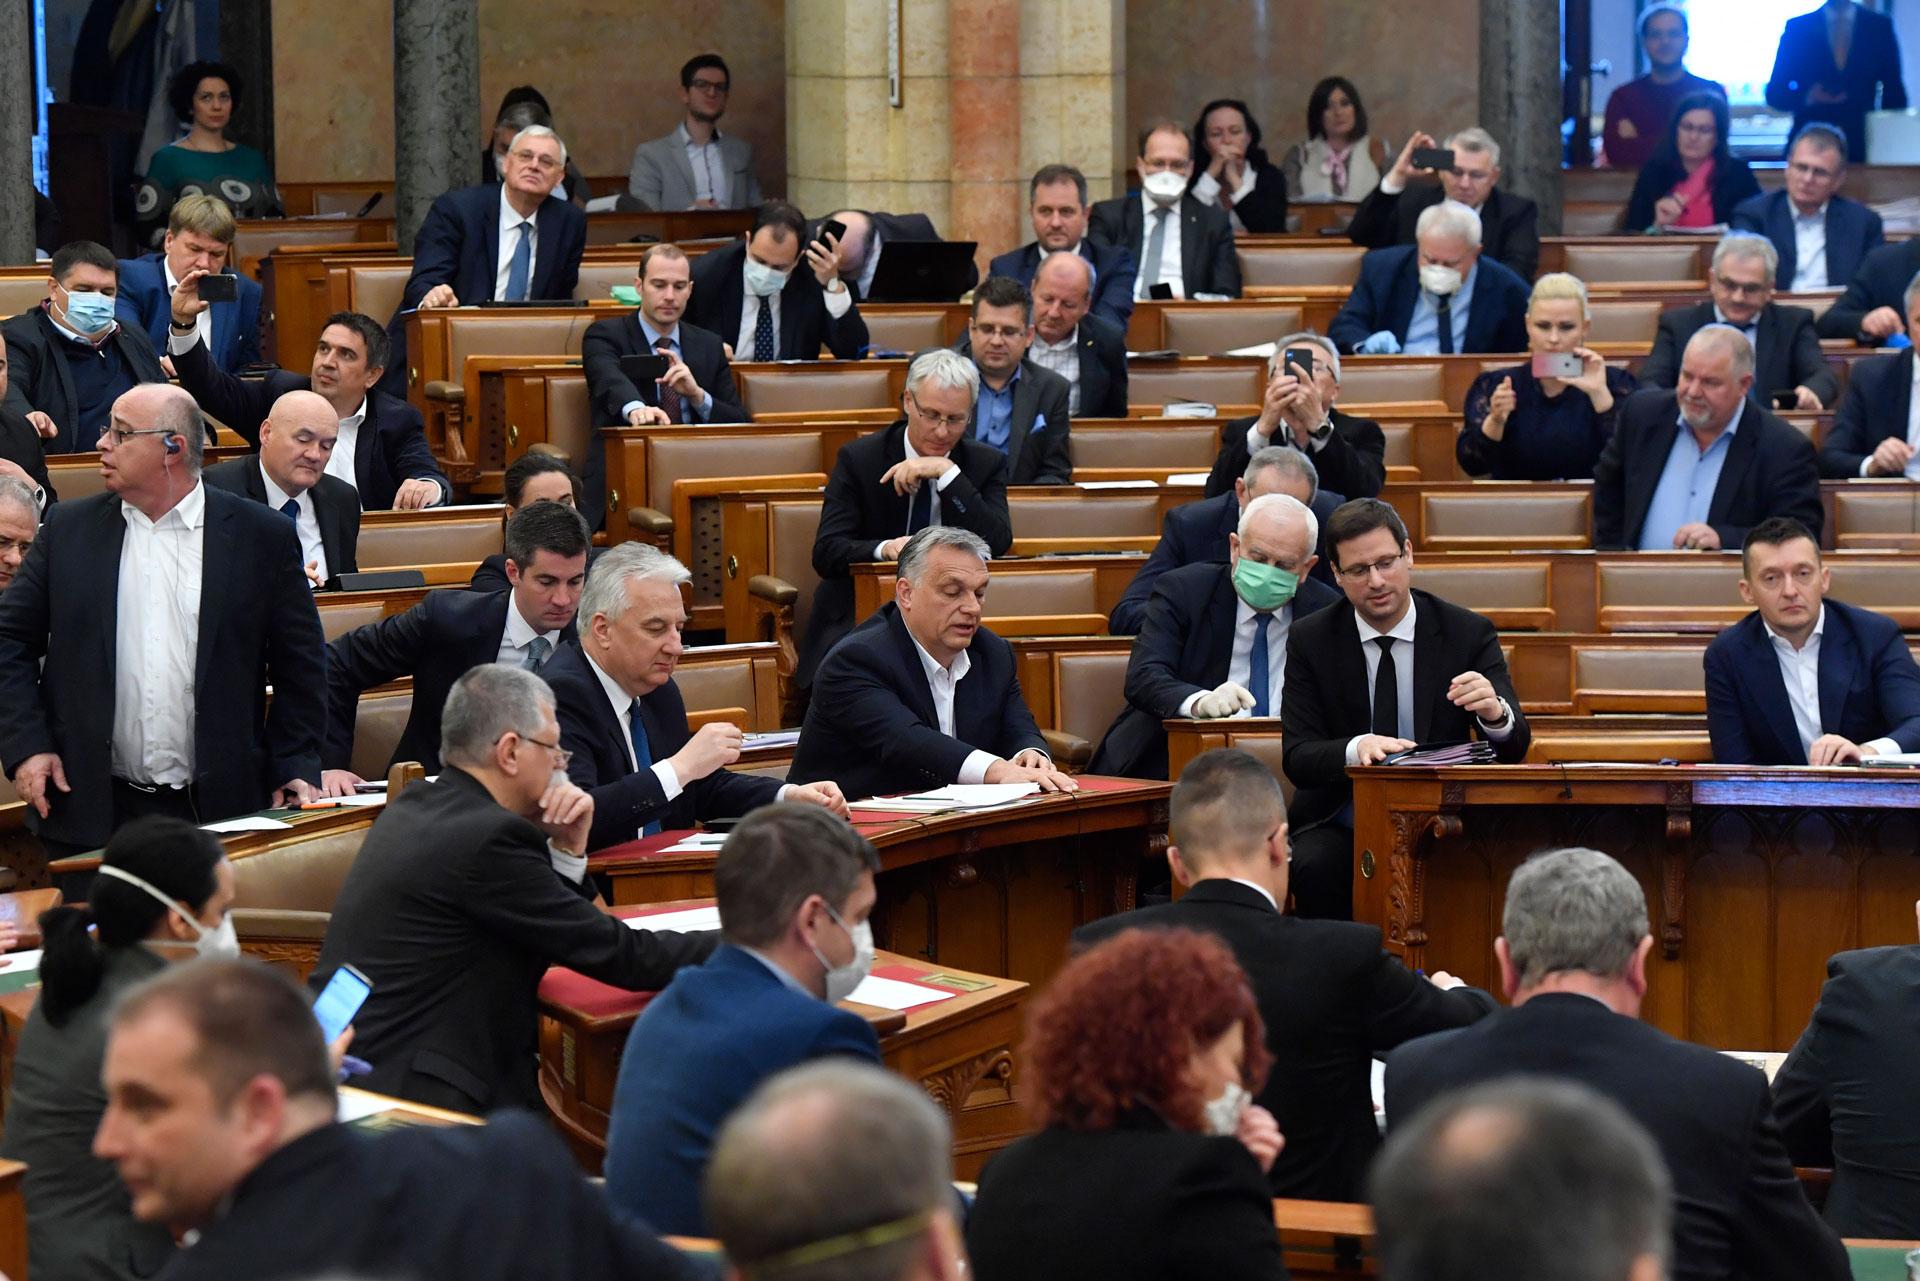 Viktor Orbán numa sessão parlamentar para votar a possibilidade de o governo por decreto após a pandemia ter chegado ao país. Budapaste, Hungria no dia 30 de março de 2020. (Zoltan Mathe/MTI via AP Images)